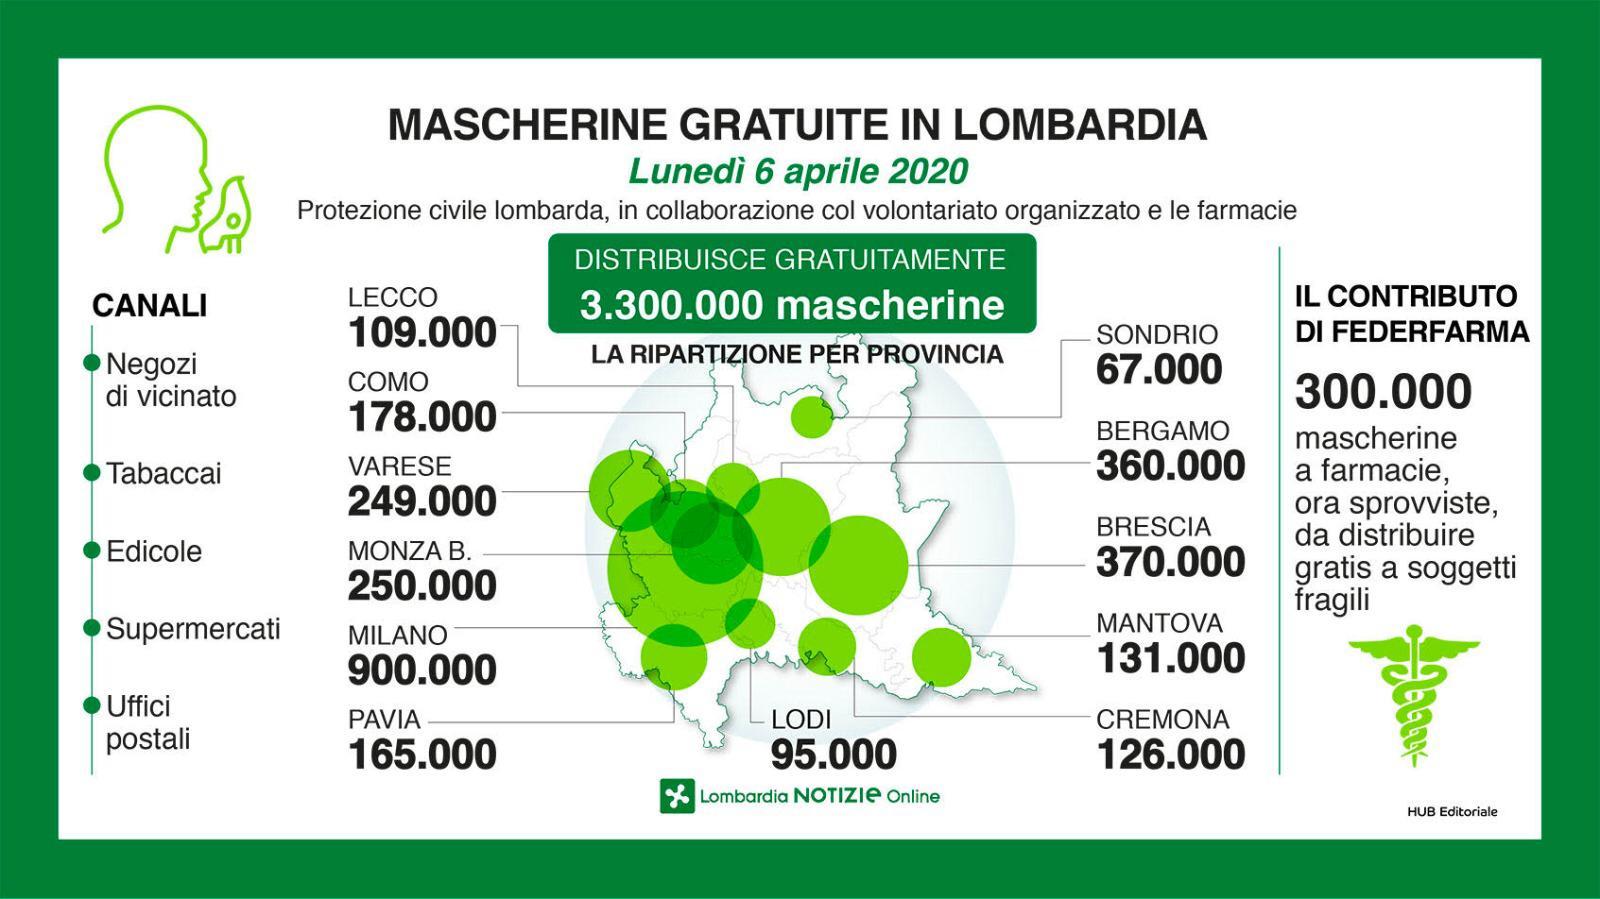 Coronavirus, la Regione distribuisce 3 milioni di mascherine. A Brescia 370mila. Disponibili da martedì